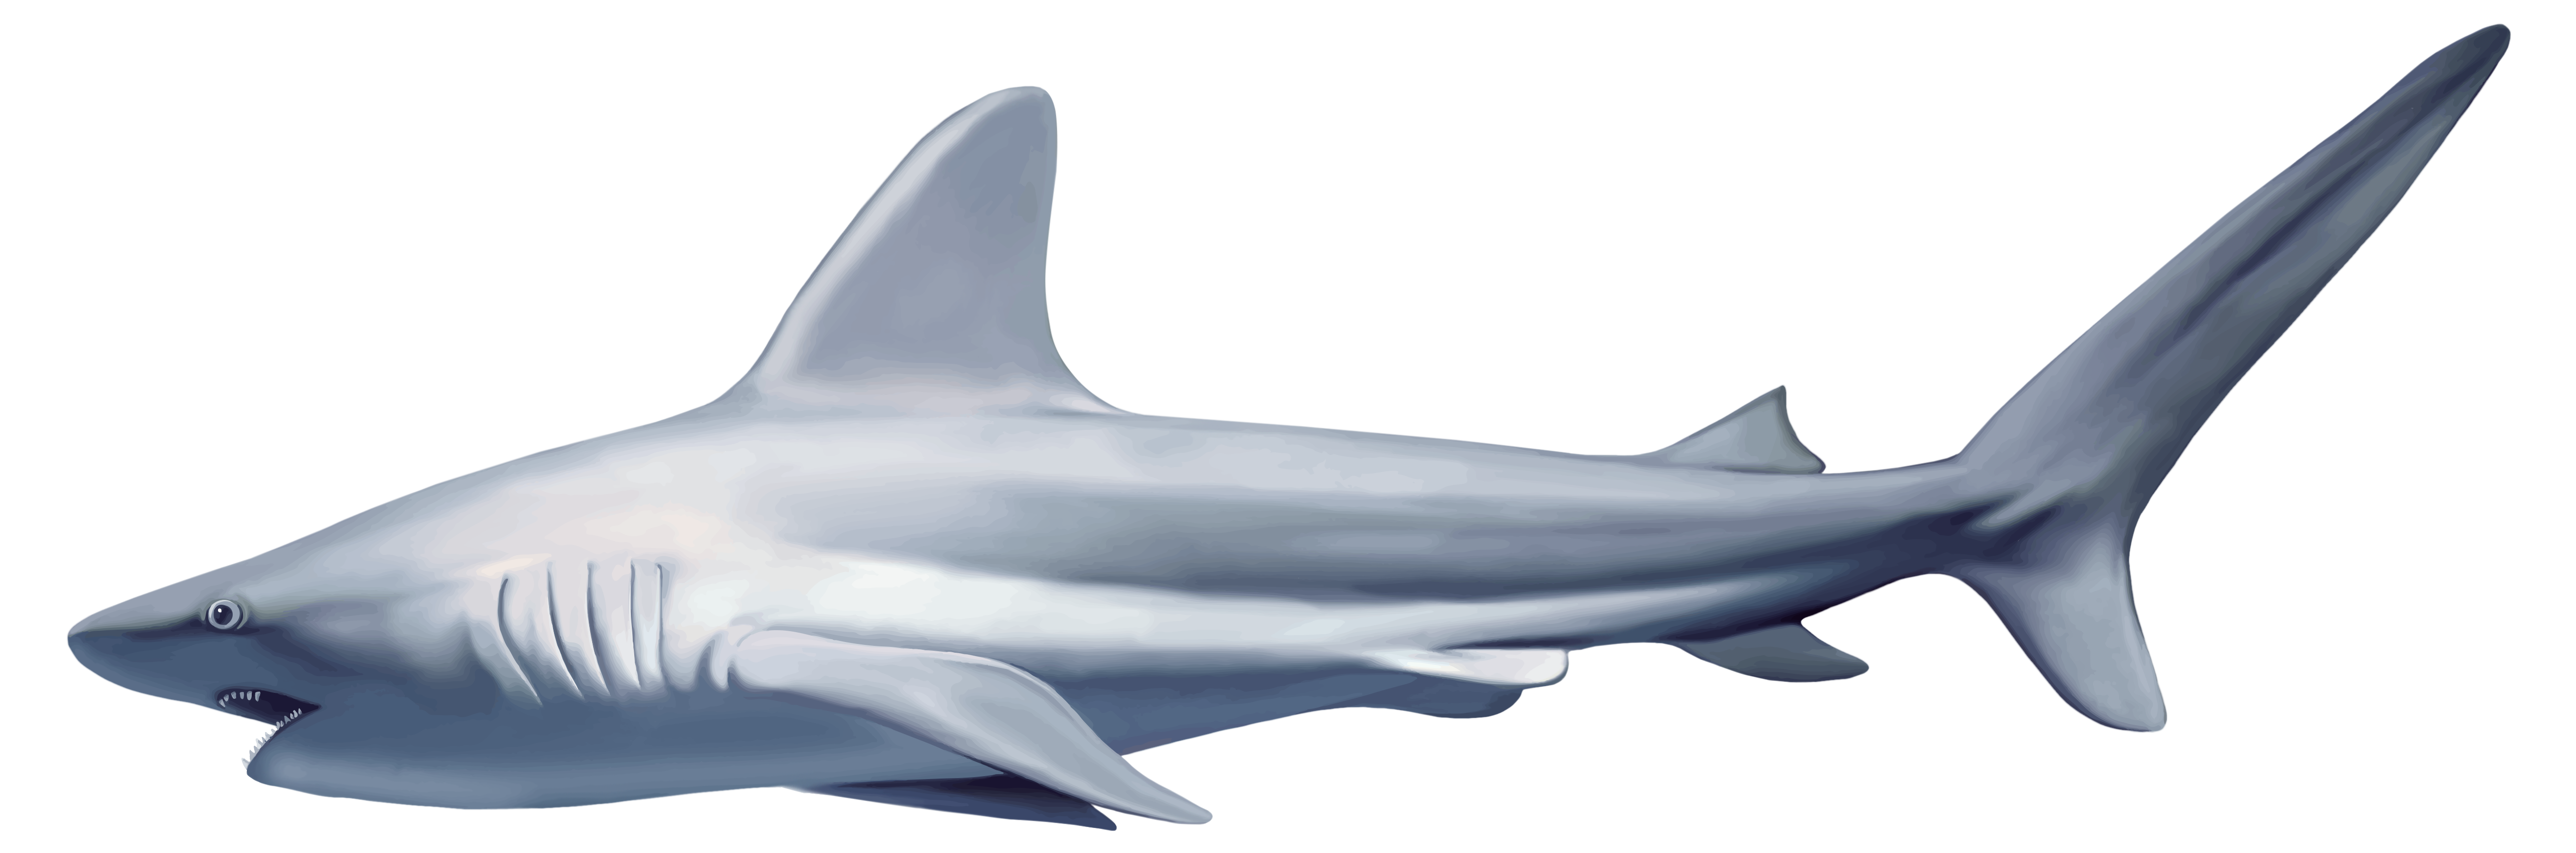 Shark PNG Clip art, Shark, Art images